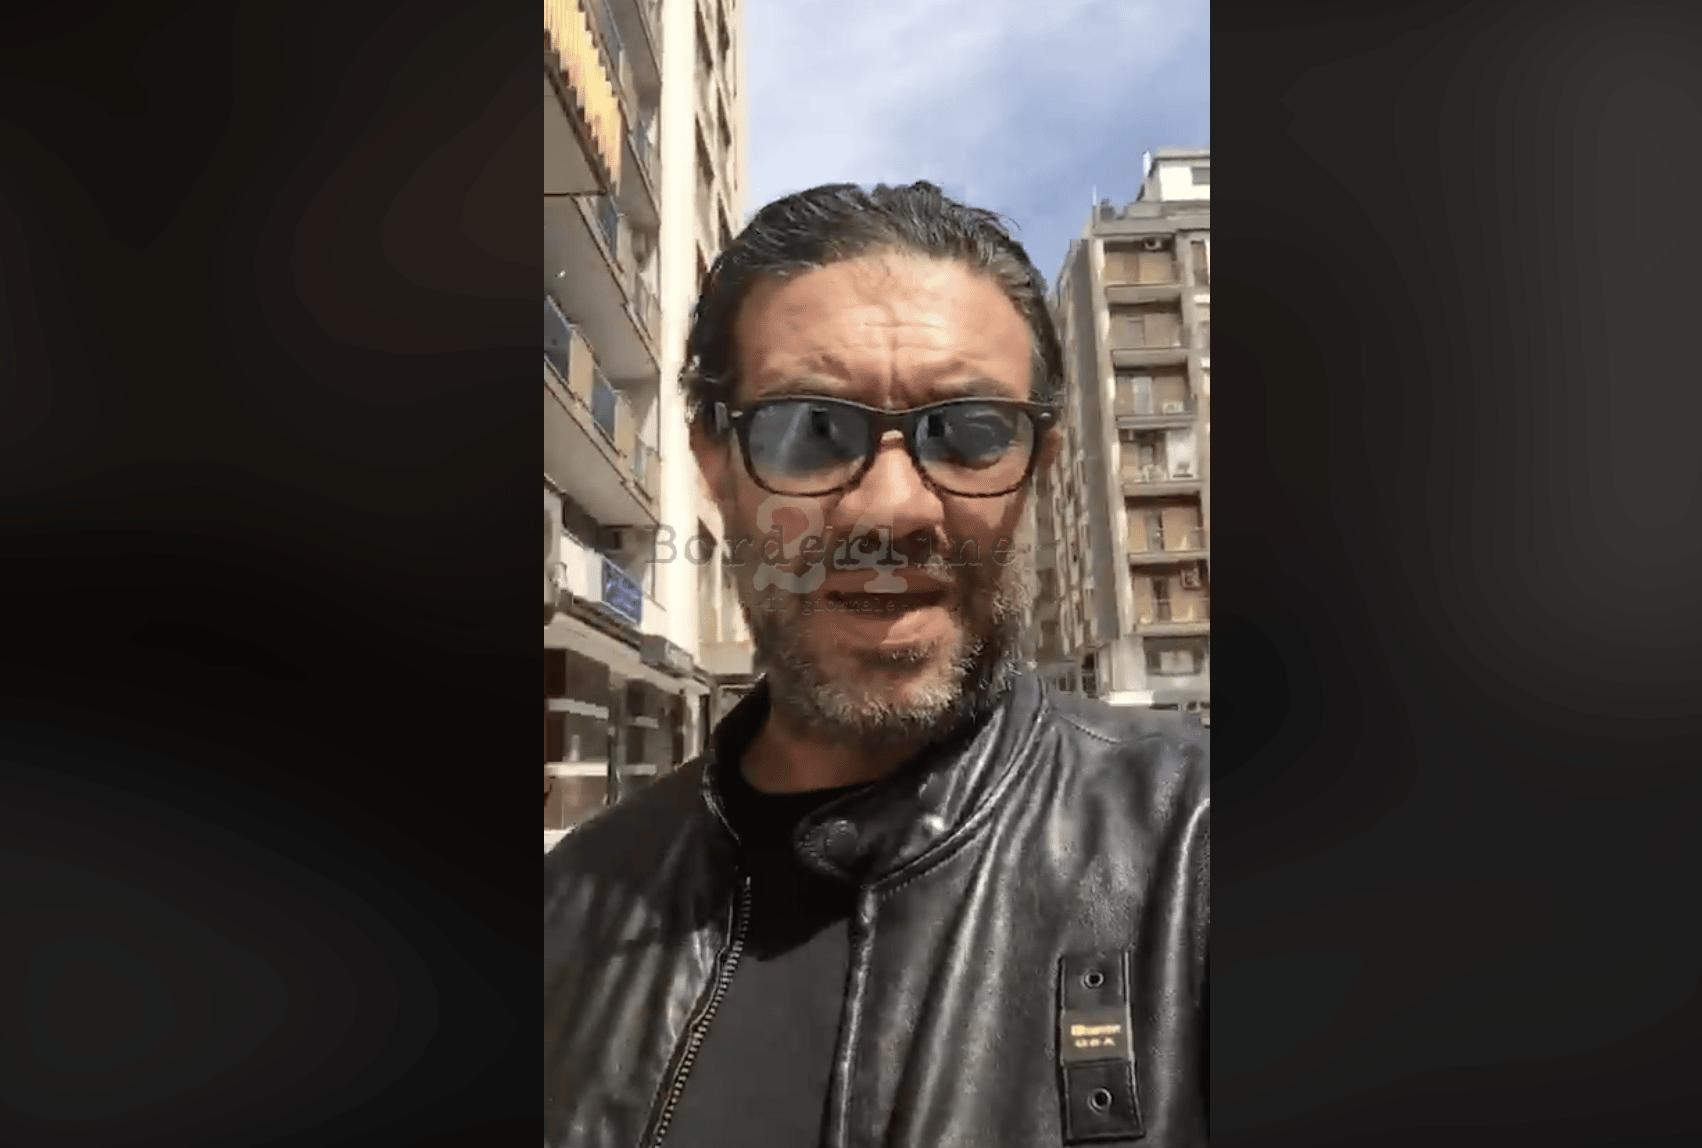 """Coronavirus Bari, un commerciante di Via Argiro chiede a Decaro: """"Da 60 giorni tante belle parole ma niente fatti, aiutaci"""" – VIDEO"""